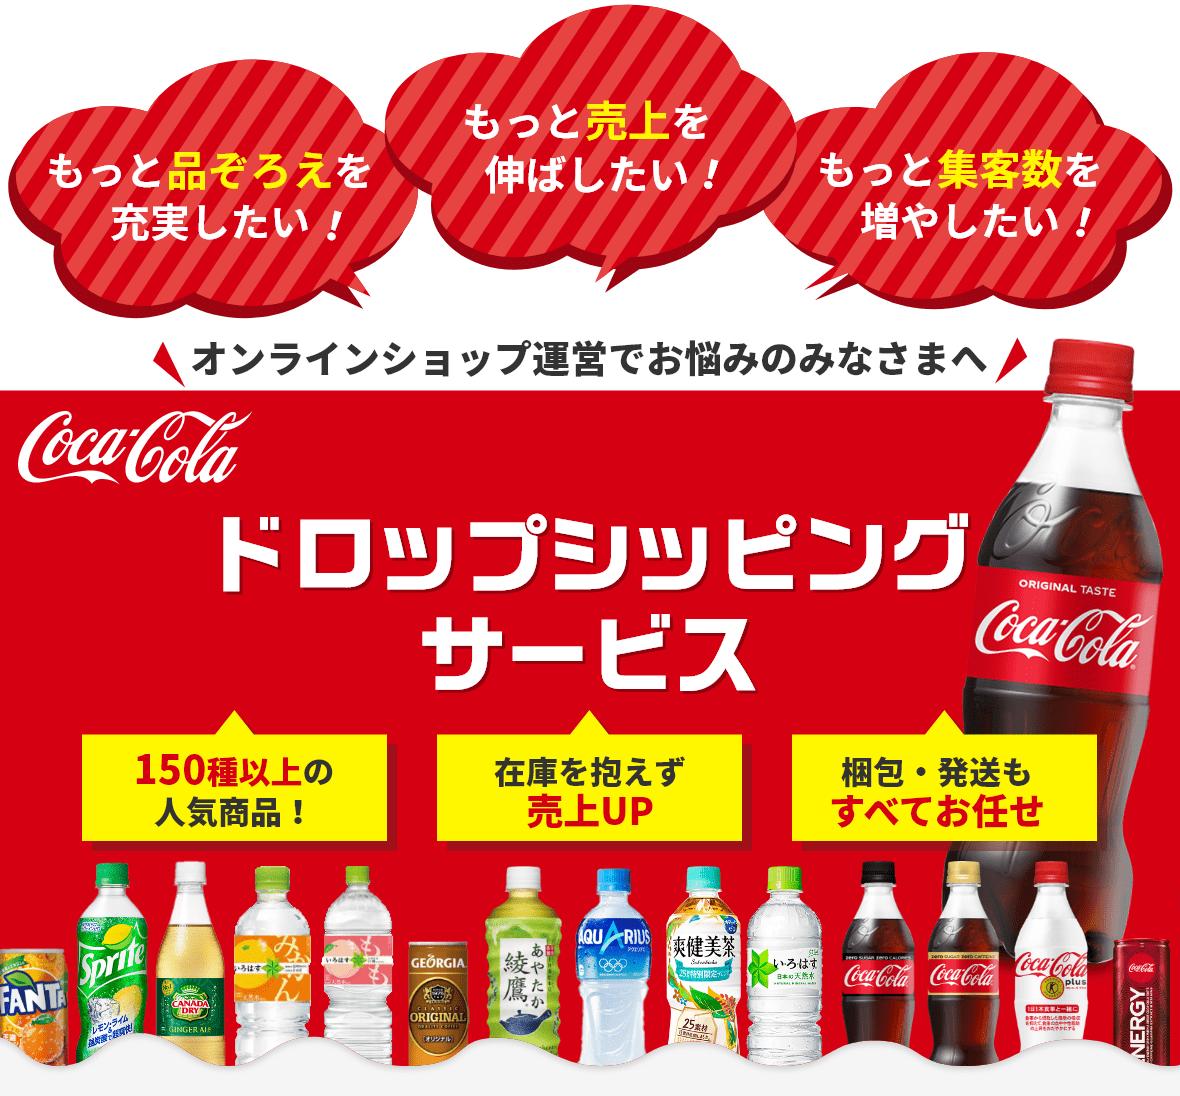 コカ・コーラのドロップシッピングサービス